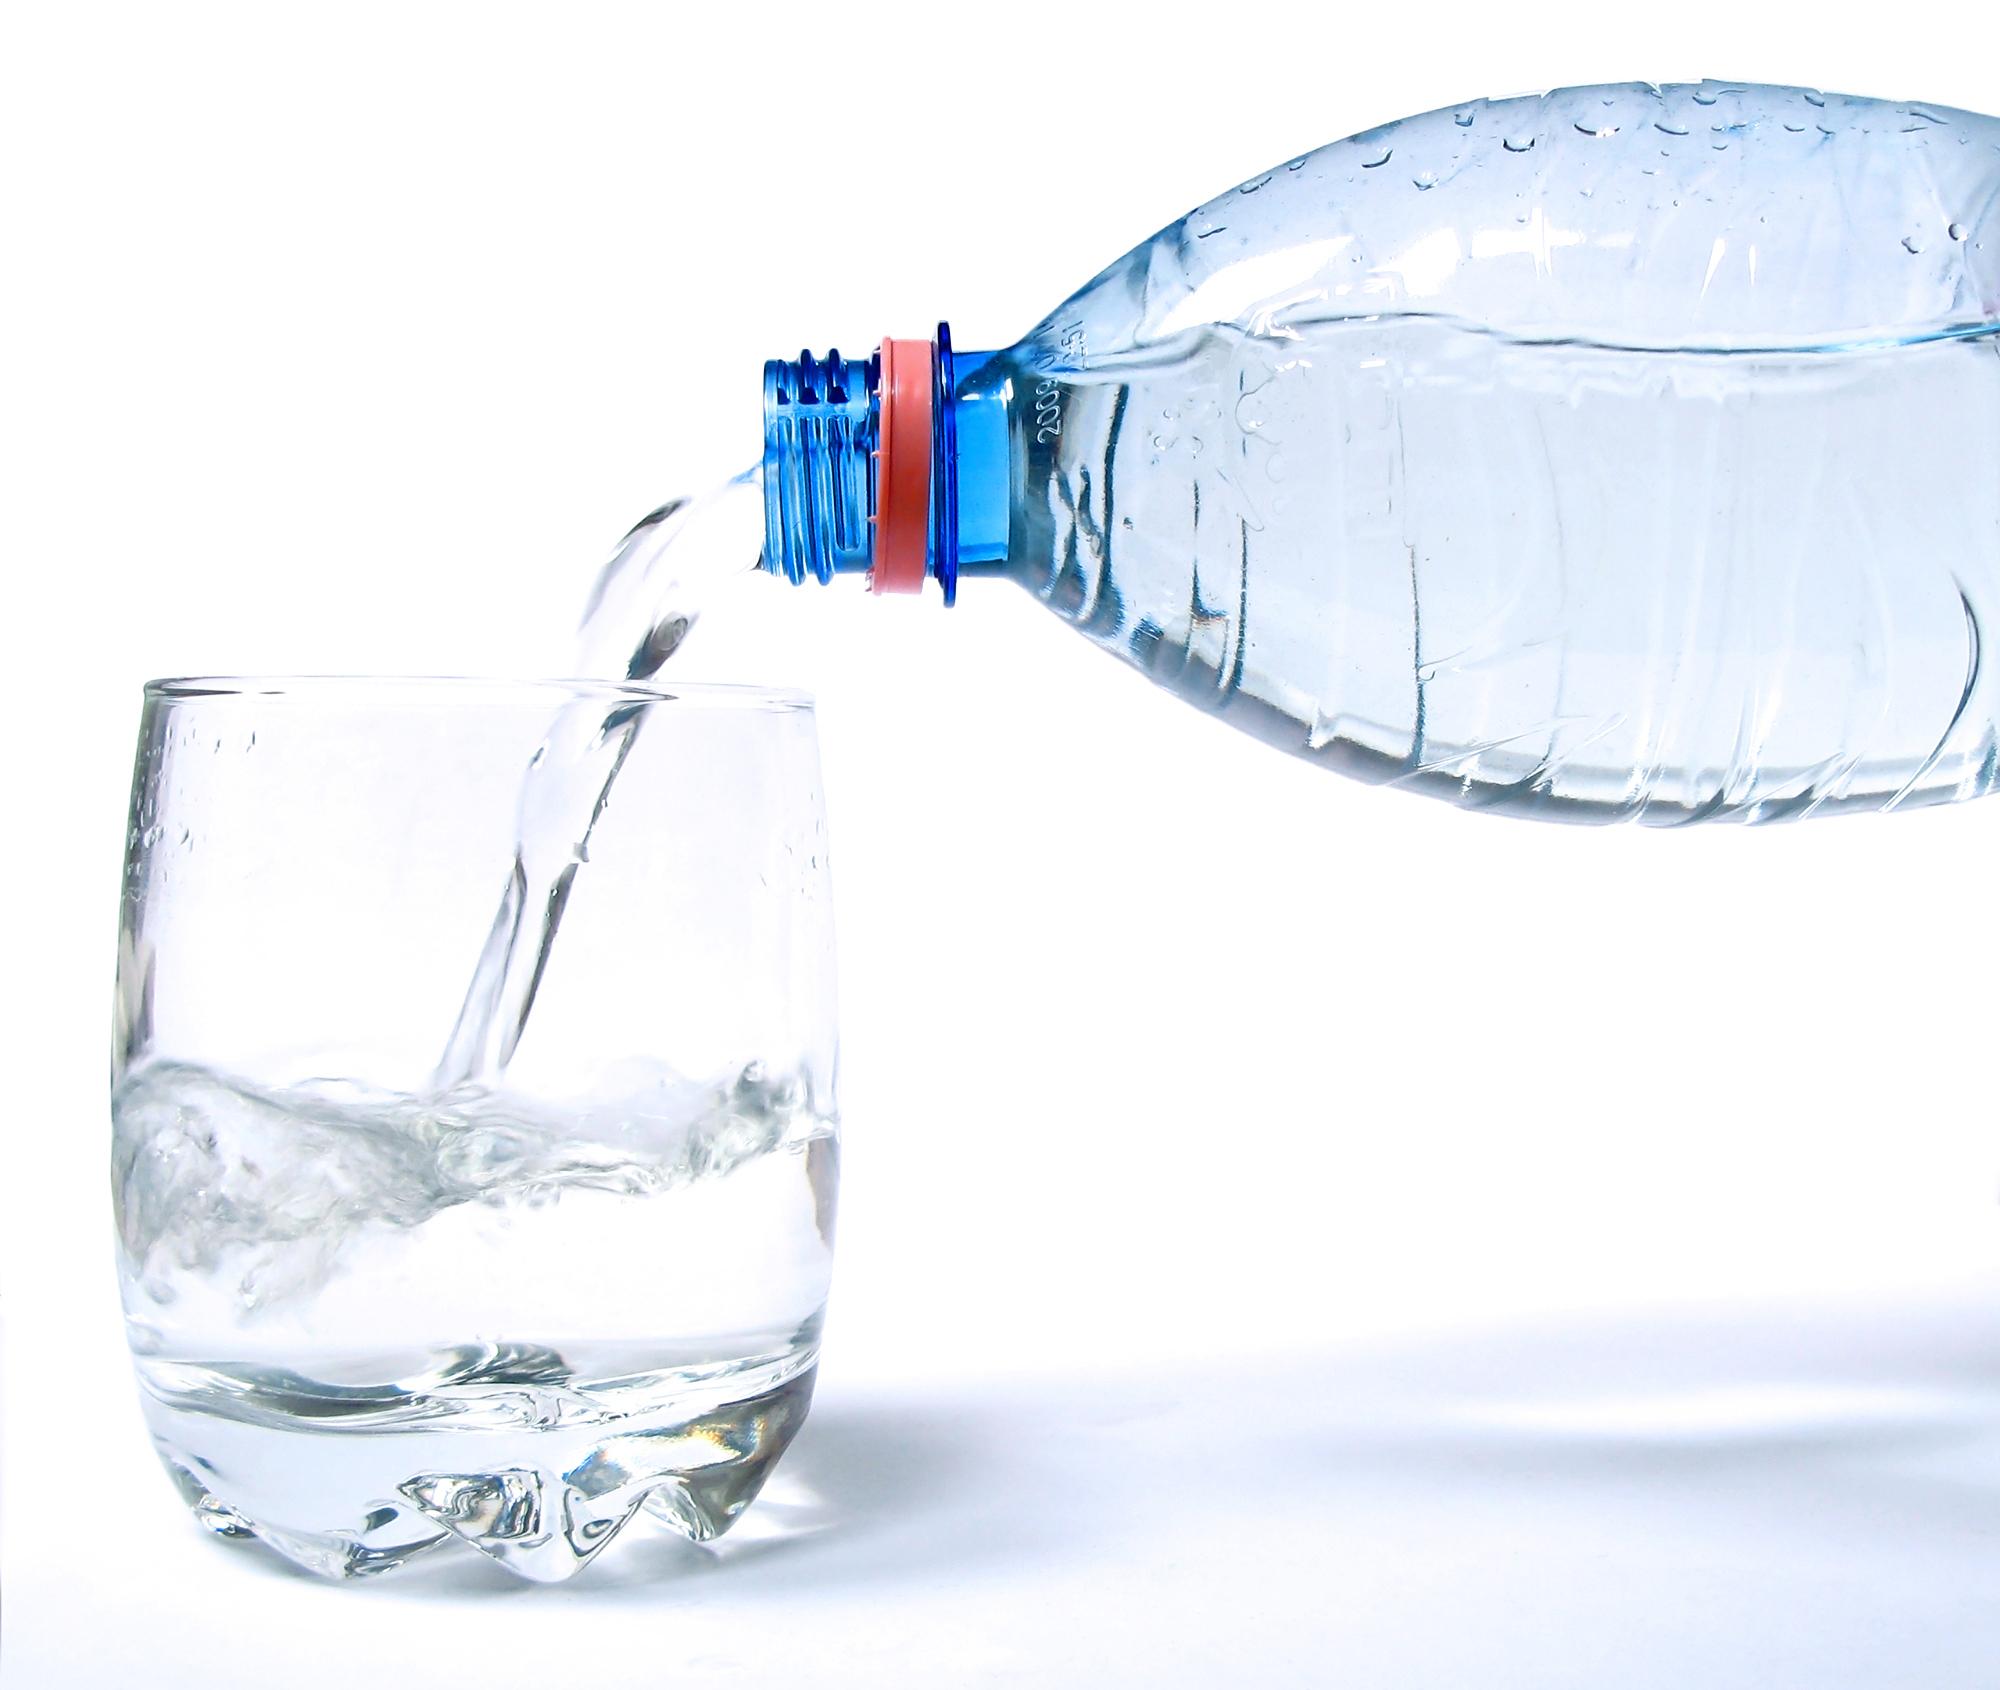 La importancia de beber agua (II), en 'Reflexiones para el bienestar'